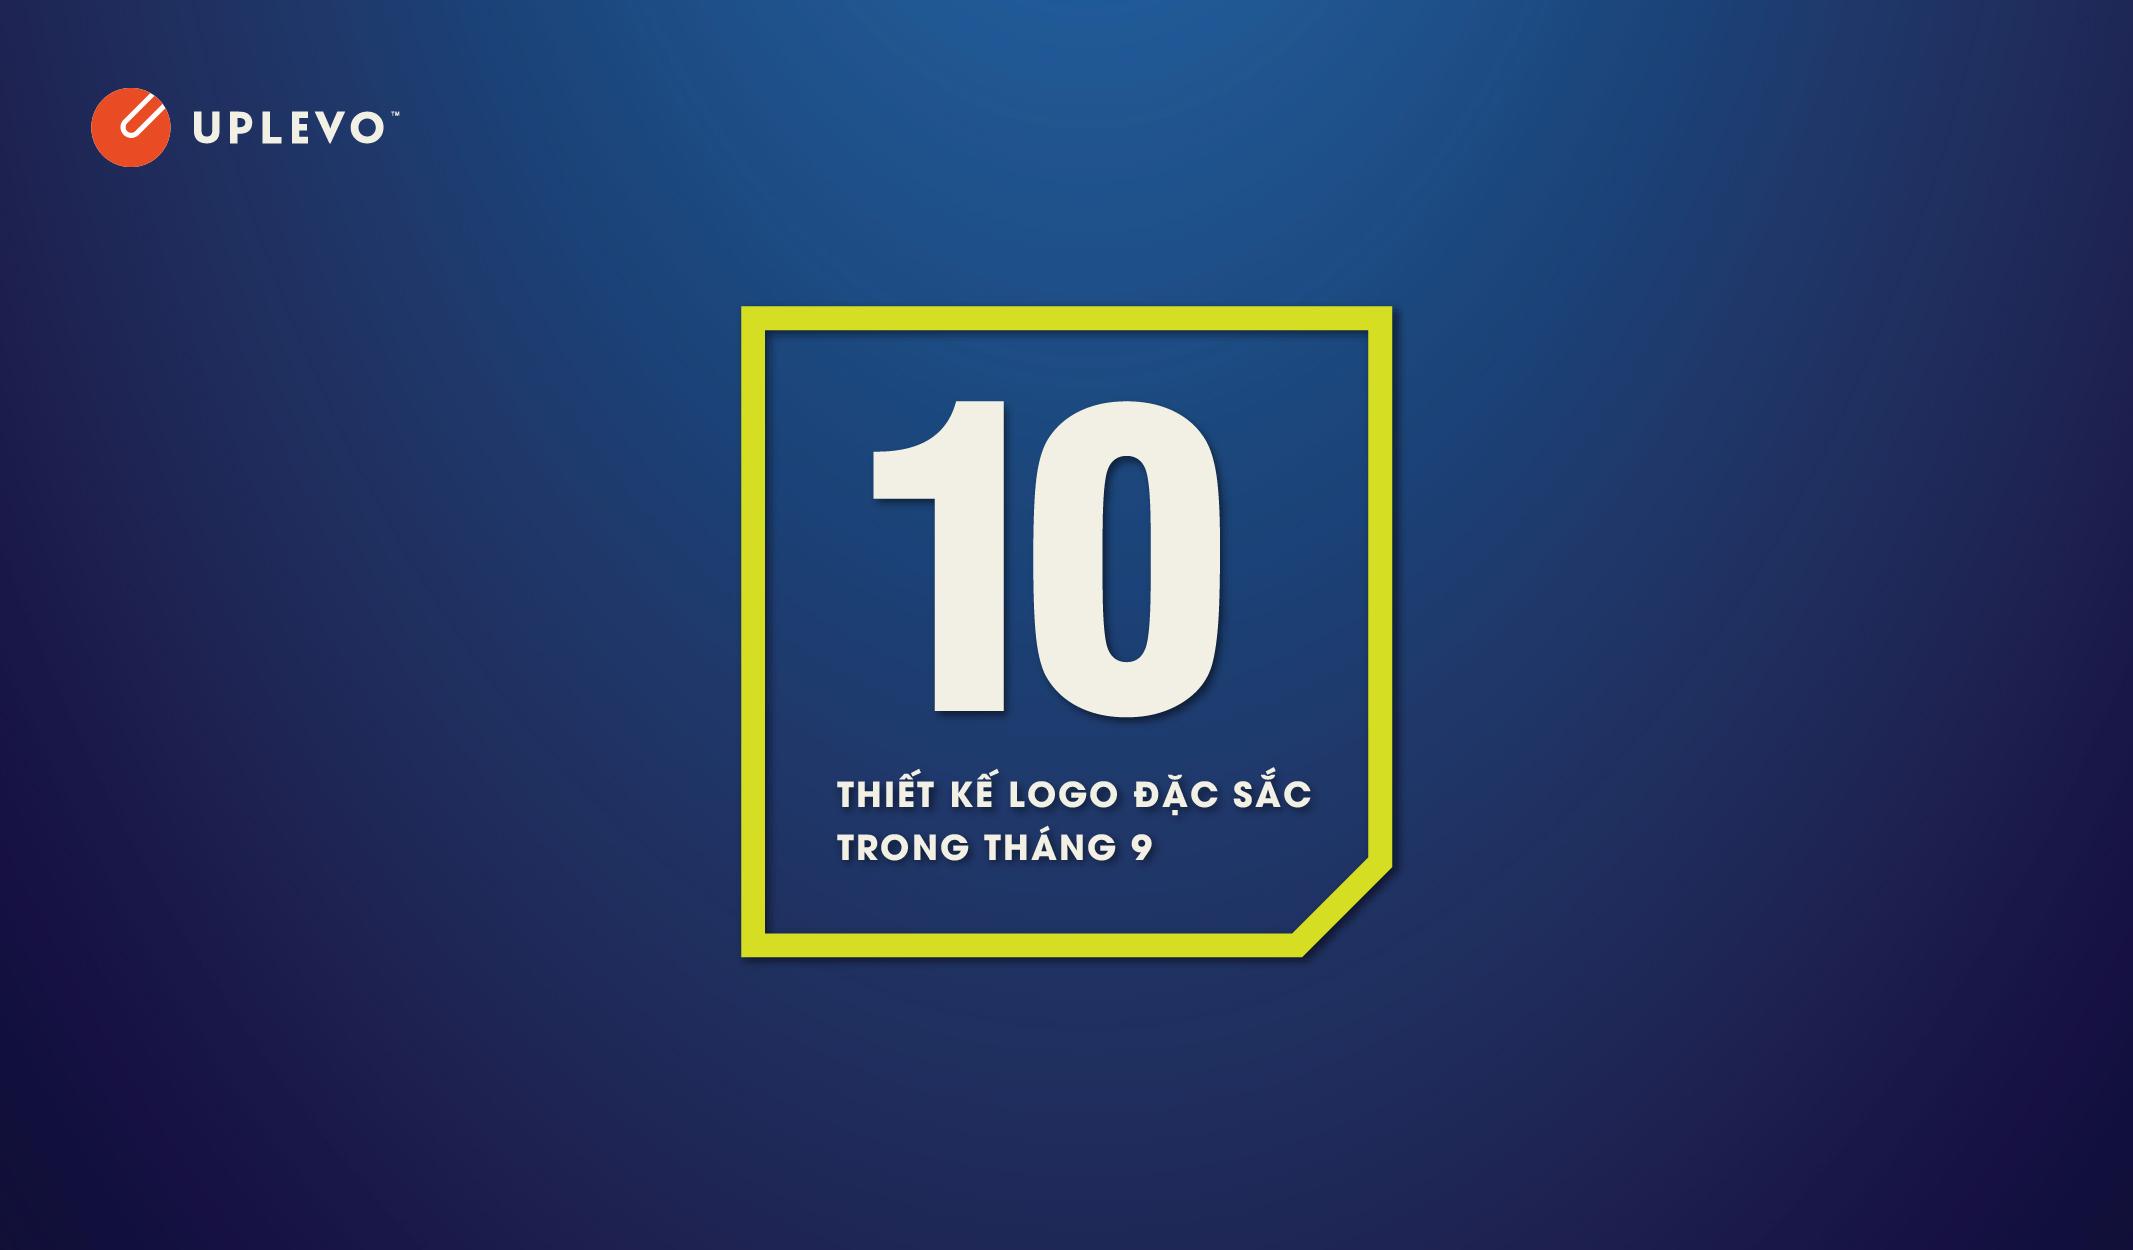 10 thiết kế logo đặc sắc trong tháng 9